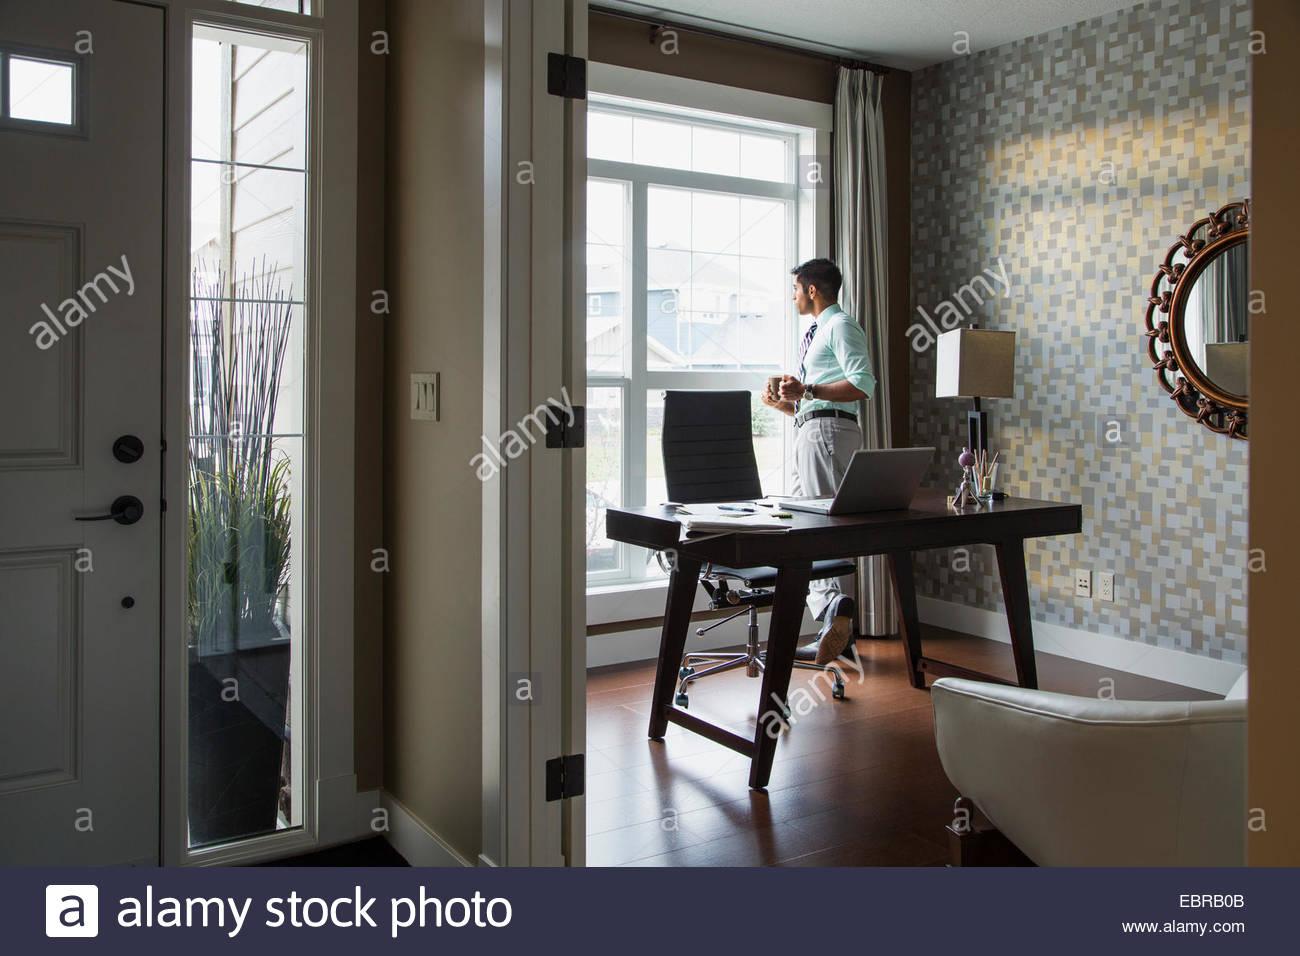 Hombre bebiendo café en la oficina principal de la ventana Imagen De Stock